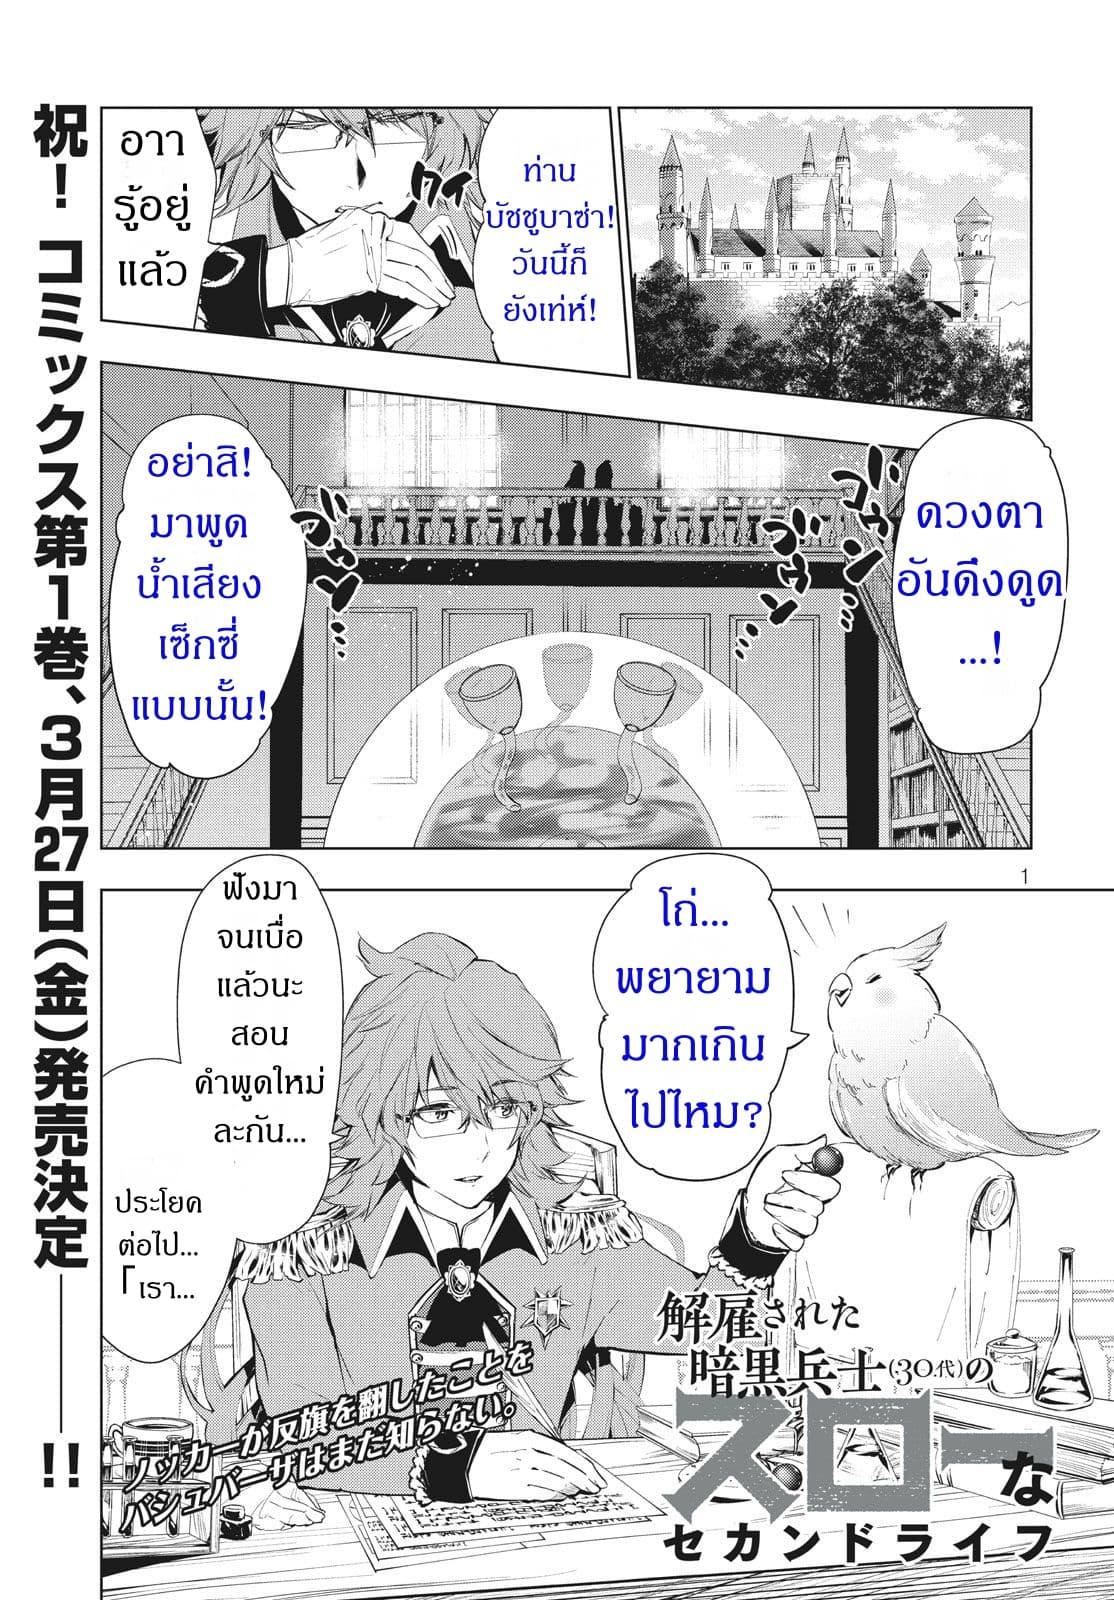 อ่านการ์ตูน Kaiko sareta Ankoku Heishi (30-dai) no Slow na Second ตอนที่ 7.1 หน้าที่ 1